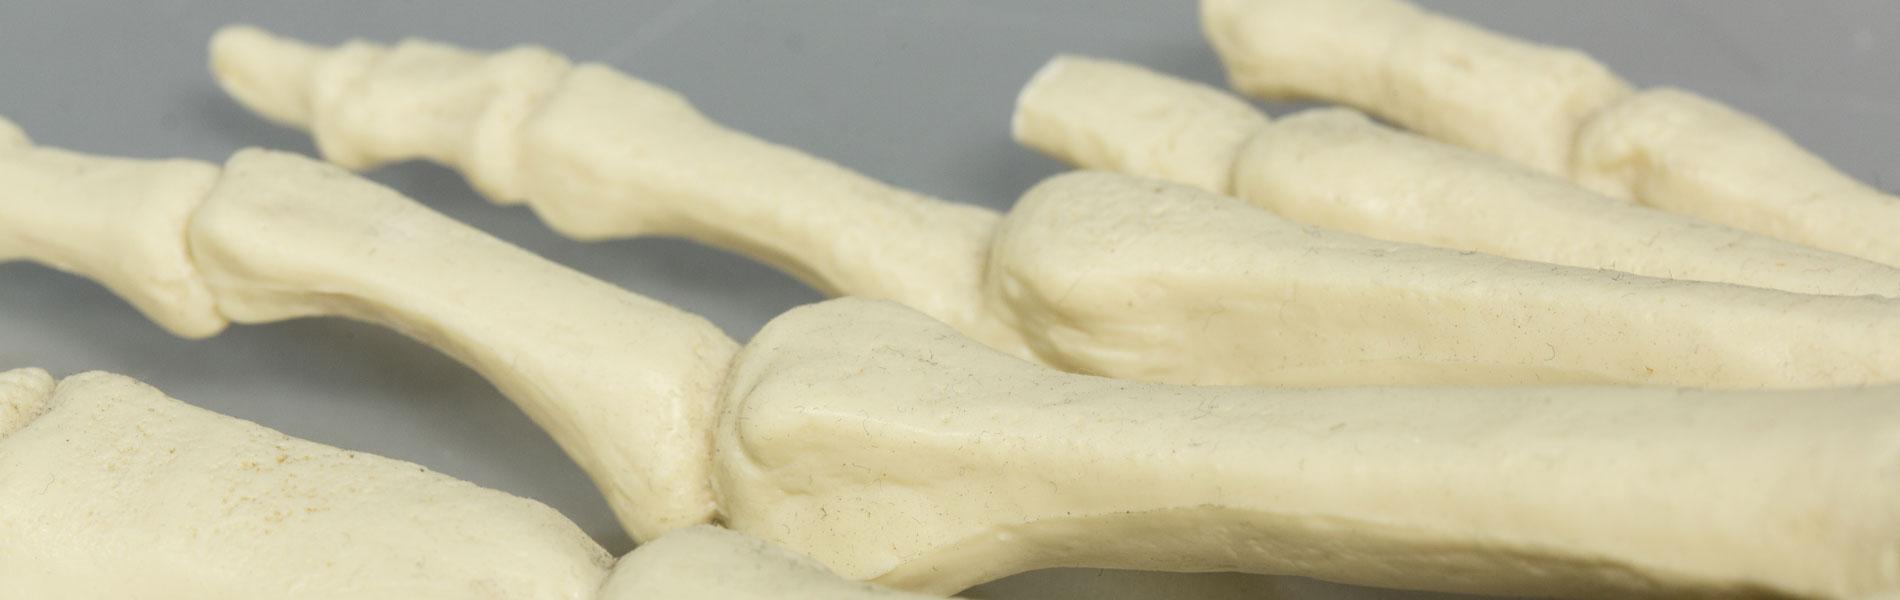 Orthopaedietechnik